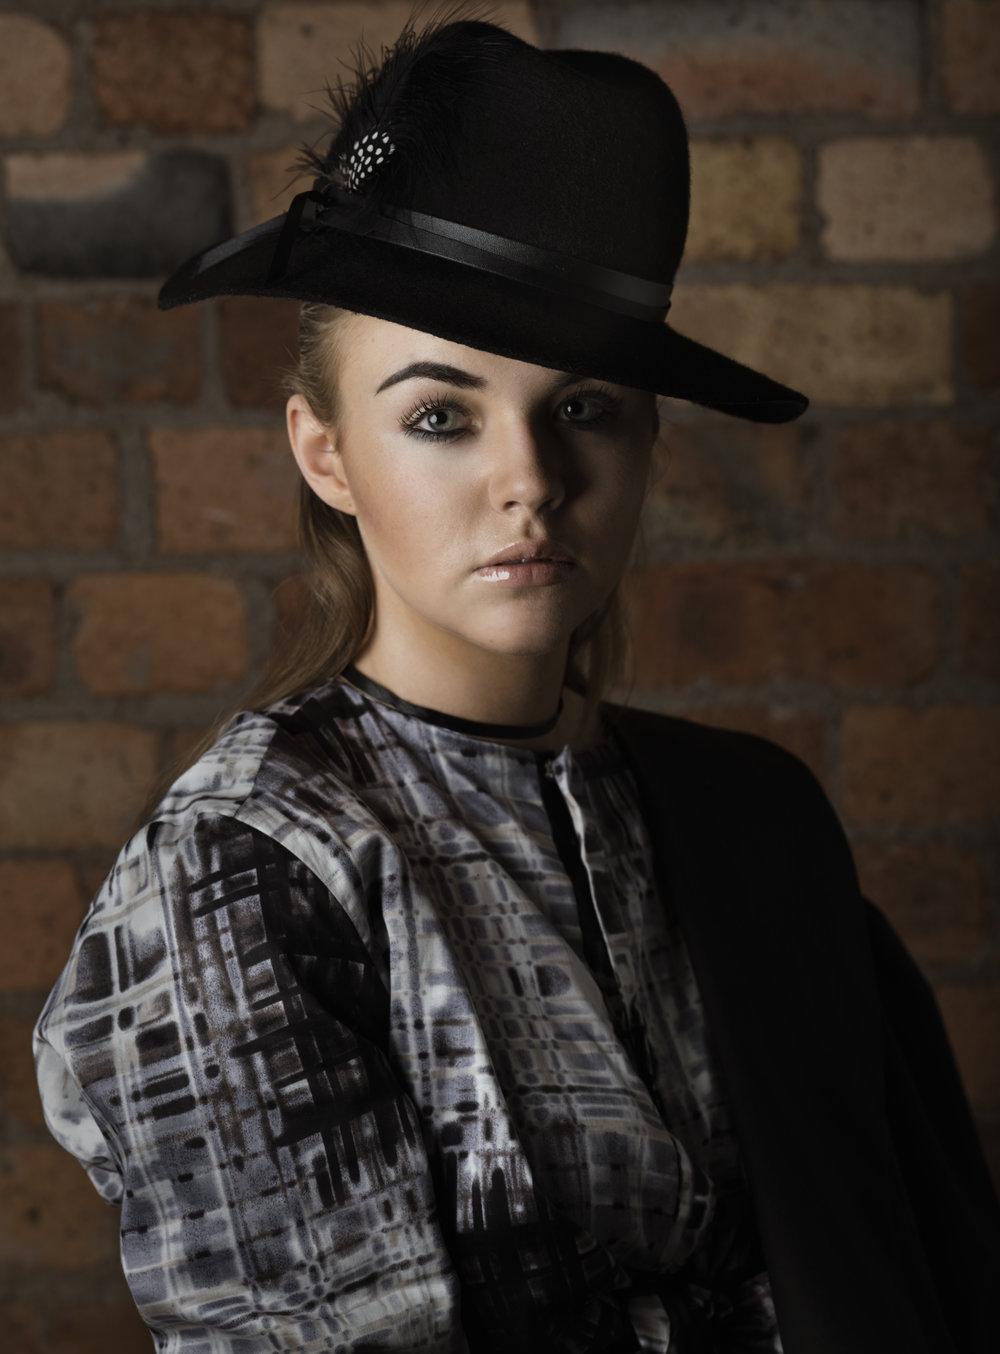 zaramia-ava-zaramiaava-leeds-fashion-designer-ethical-sustainable-glasses-versatile-drape-wrap-top-wrap-top-jacket-mio-black-white-grey-styling-hat-studio-womenswear-photoshoot-8